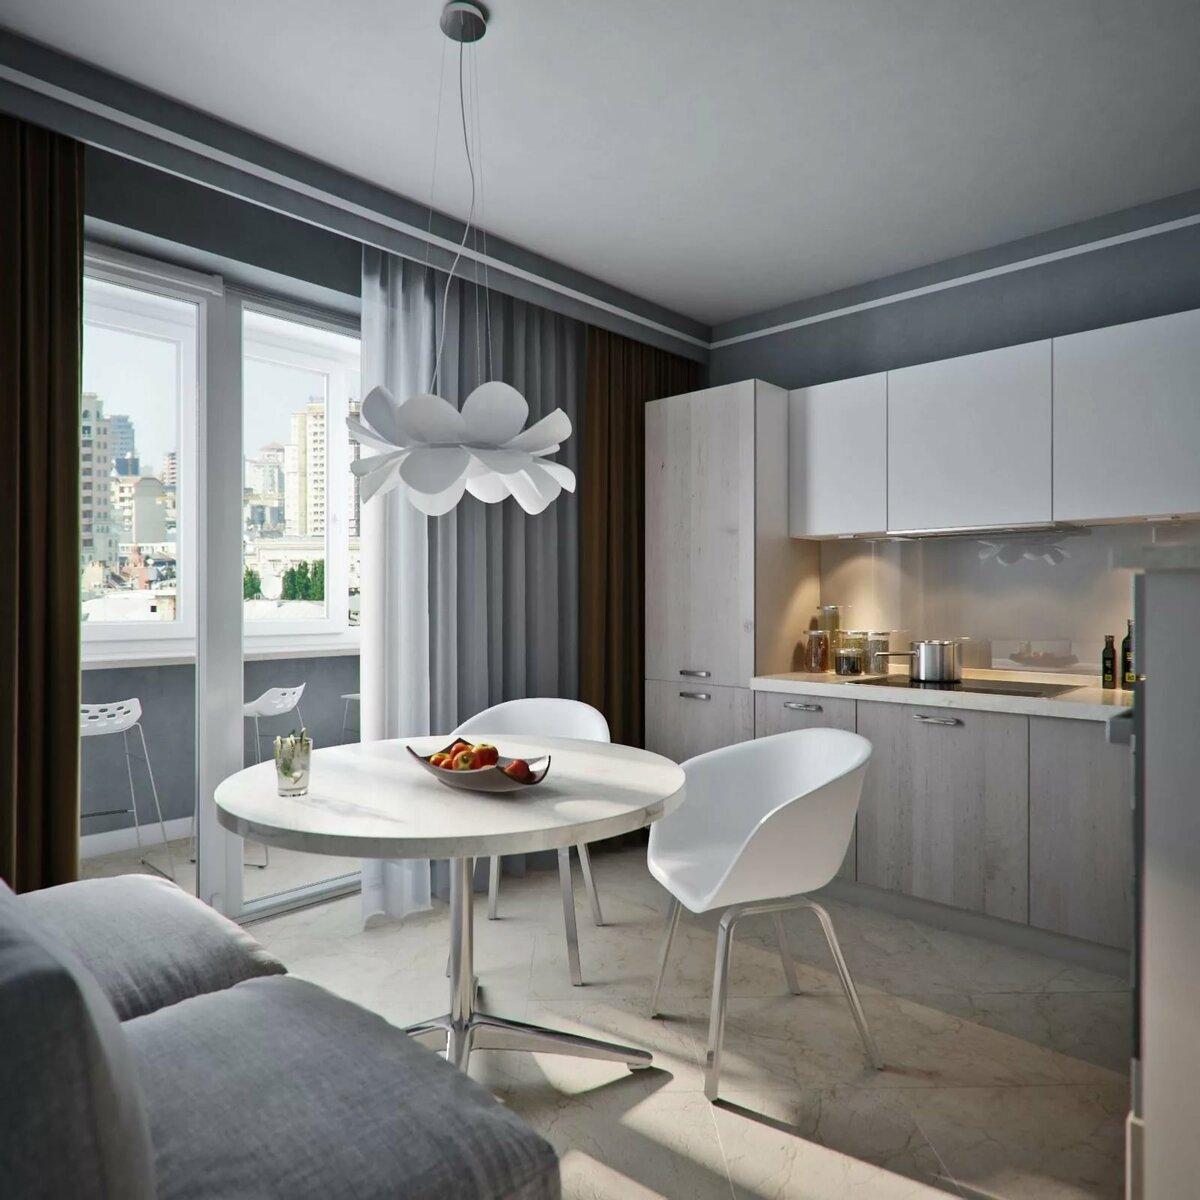 кухня 9 кв м с диваном фото идеи